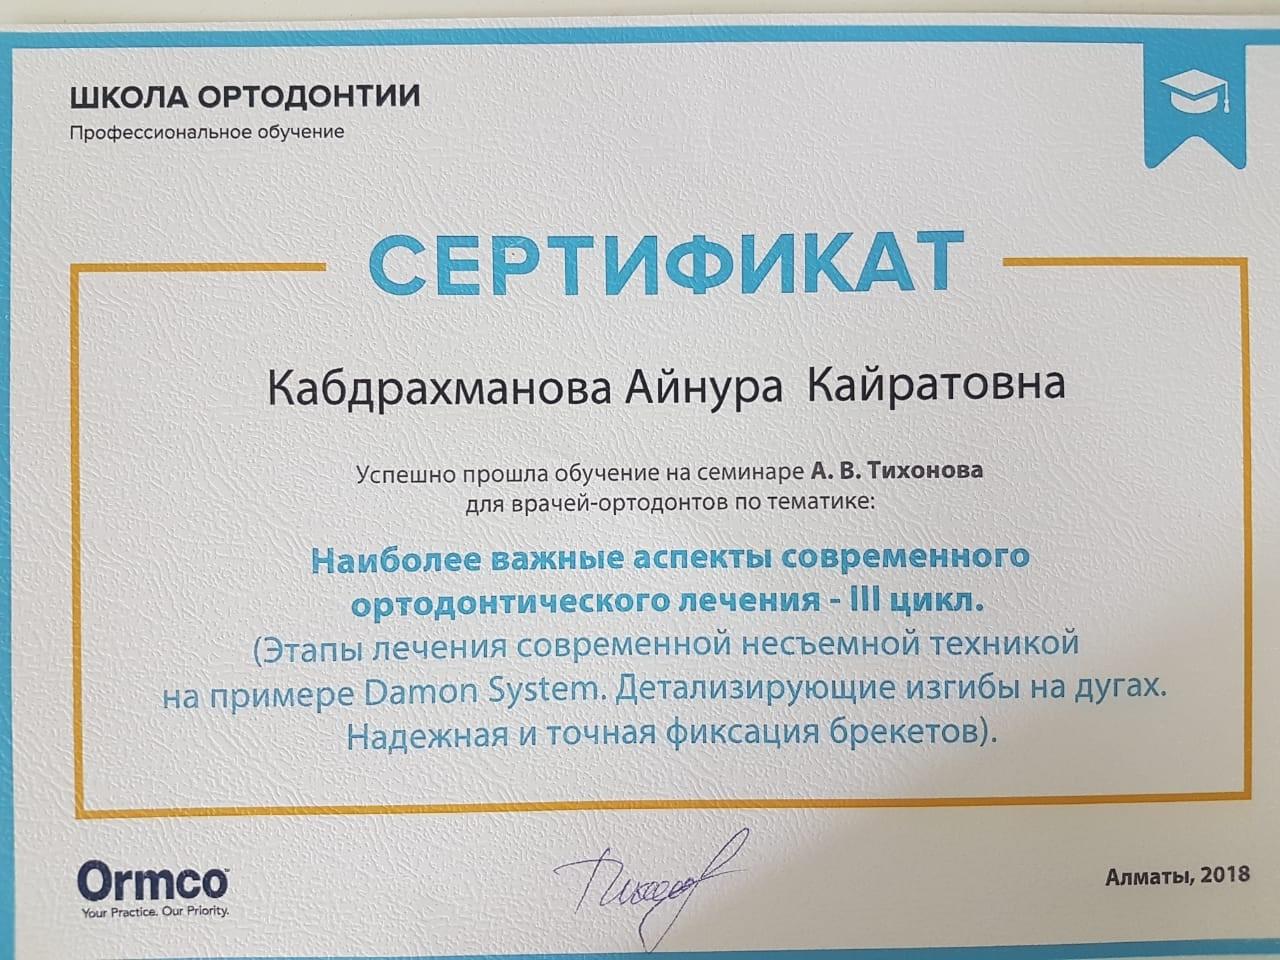 Установка брекетов в Казахстане, фото 128